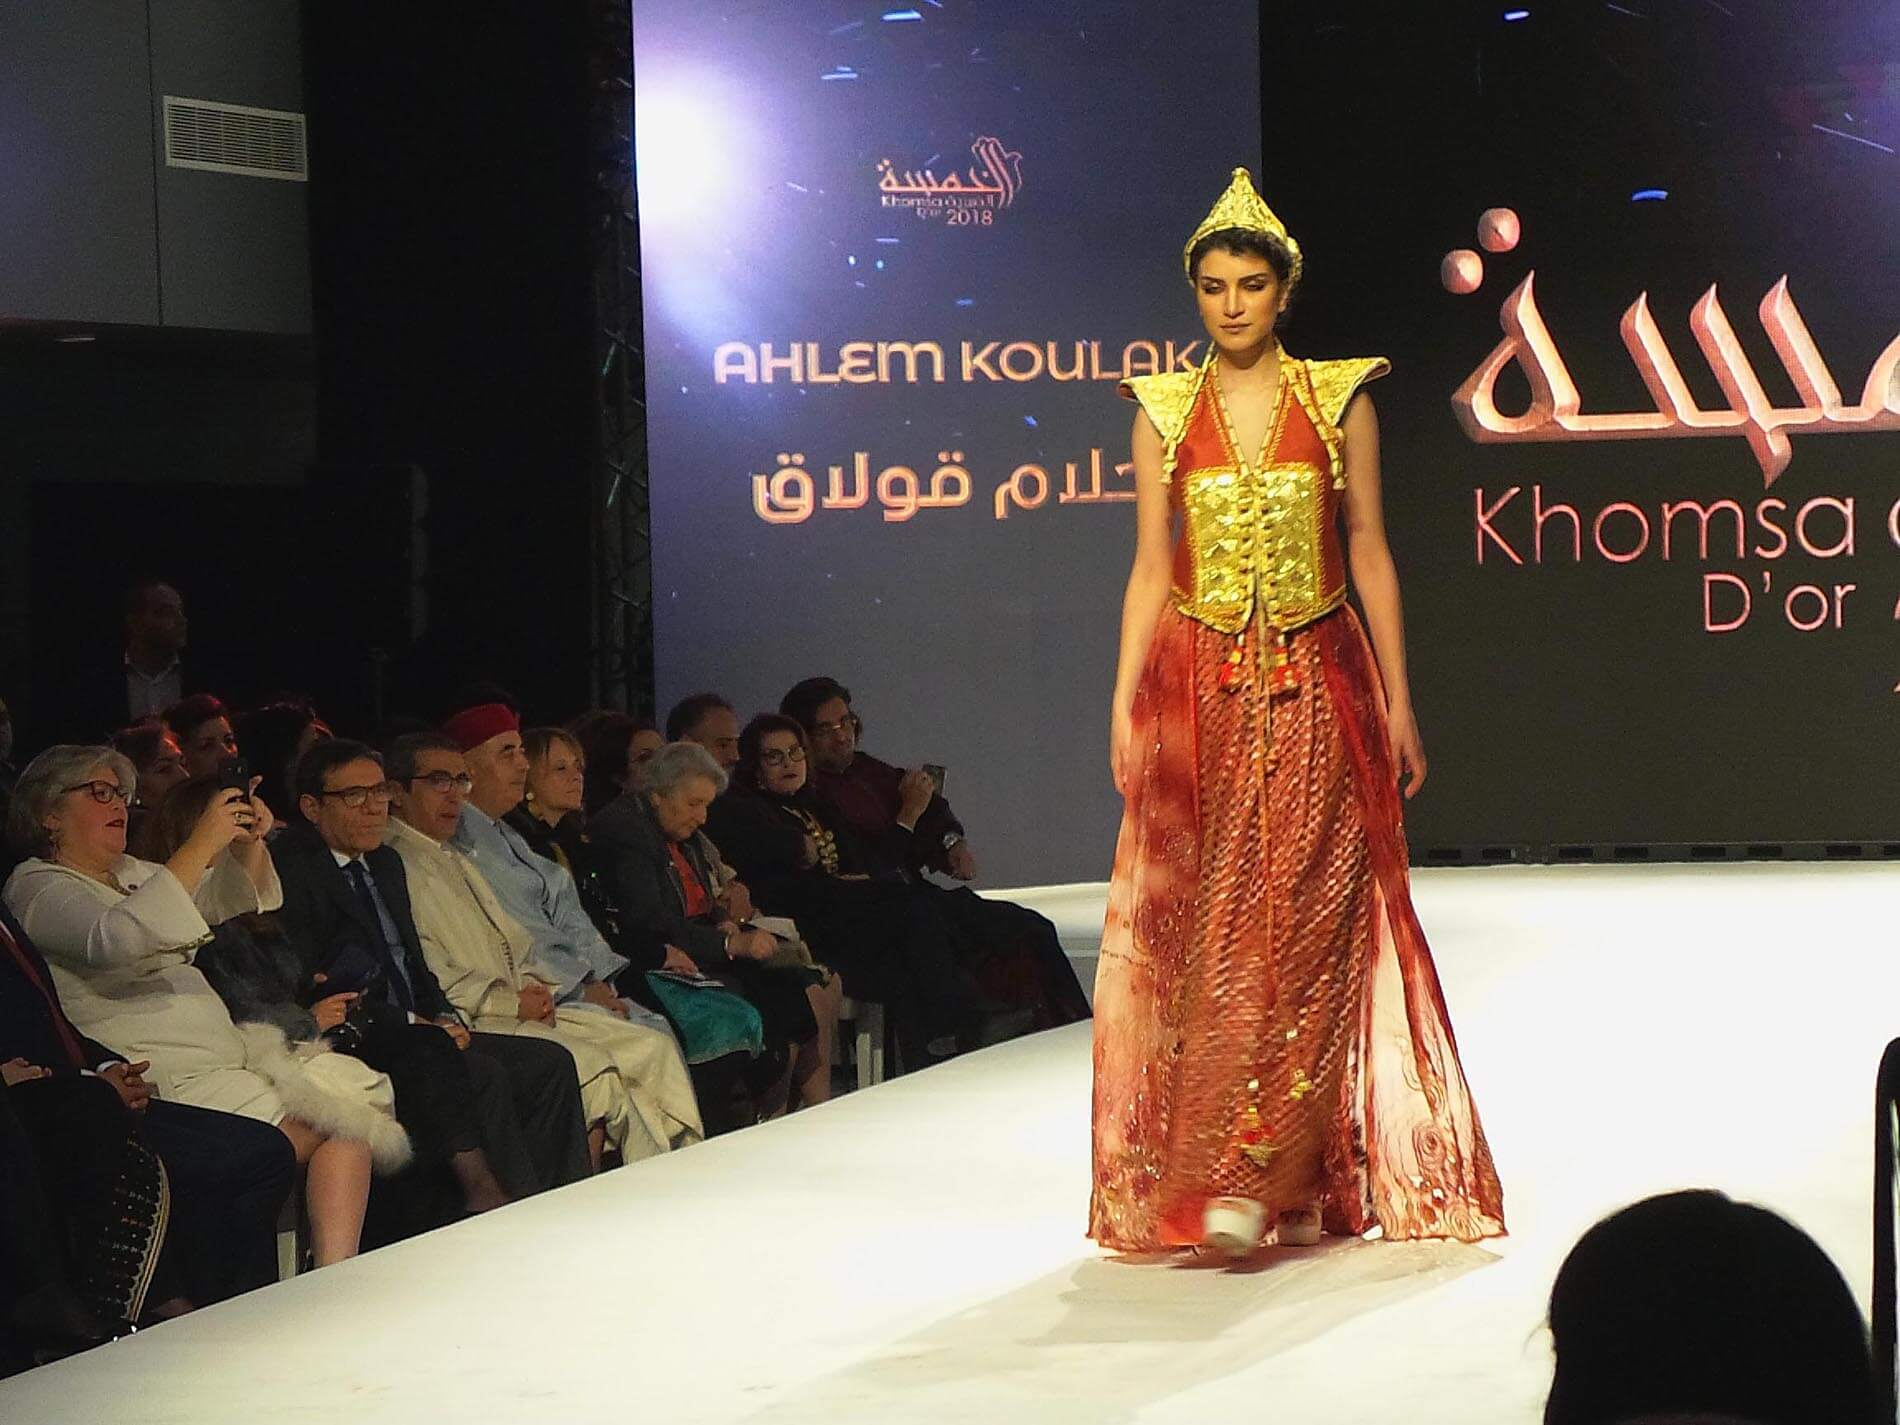 khomsa-dor-2018-artisanat-tunisie